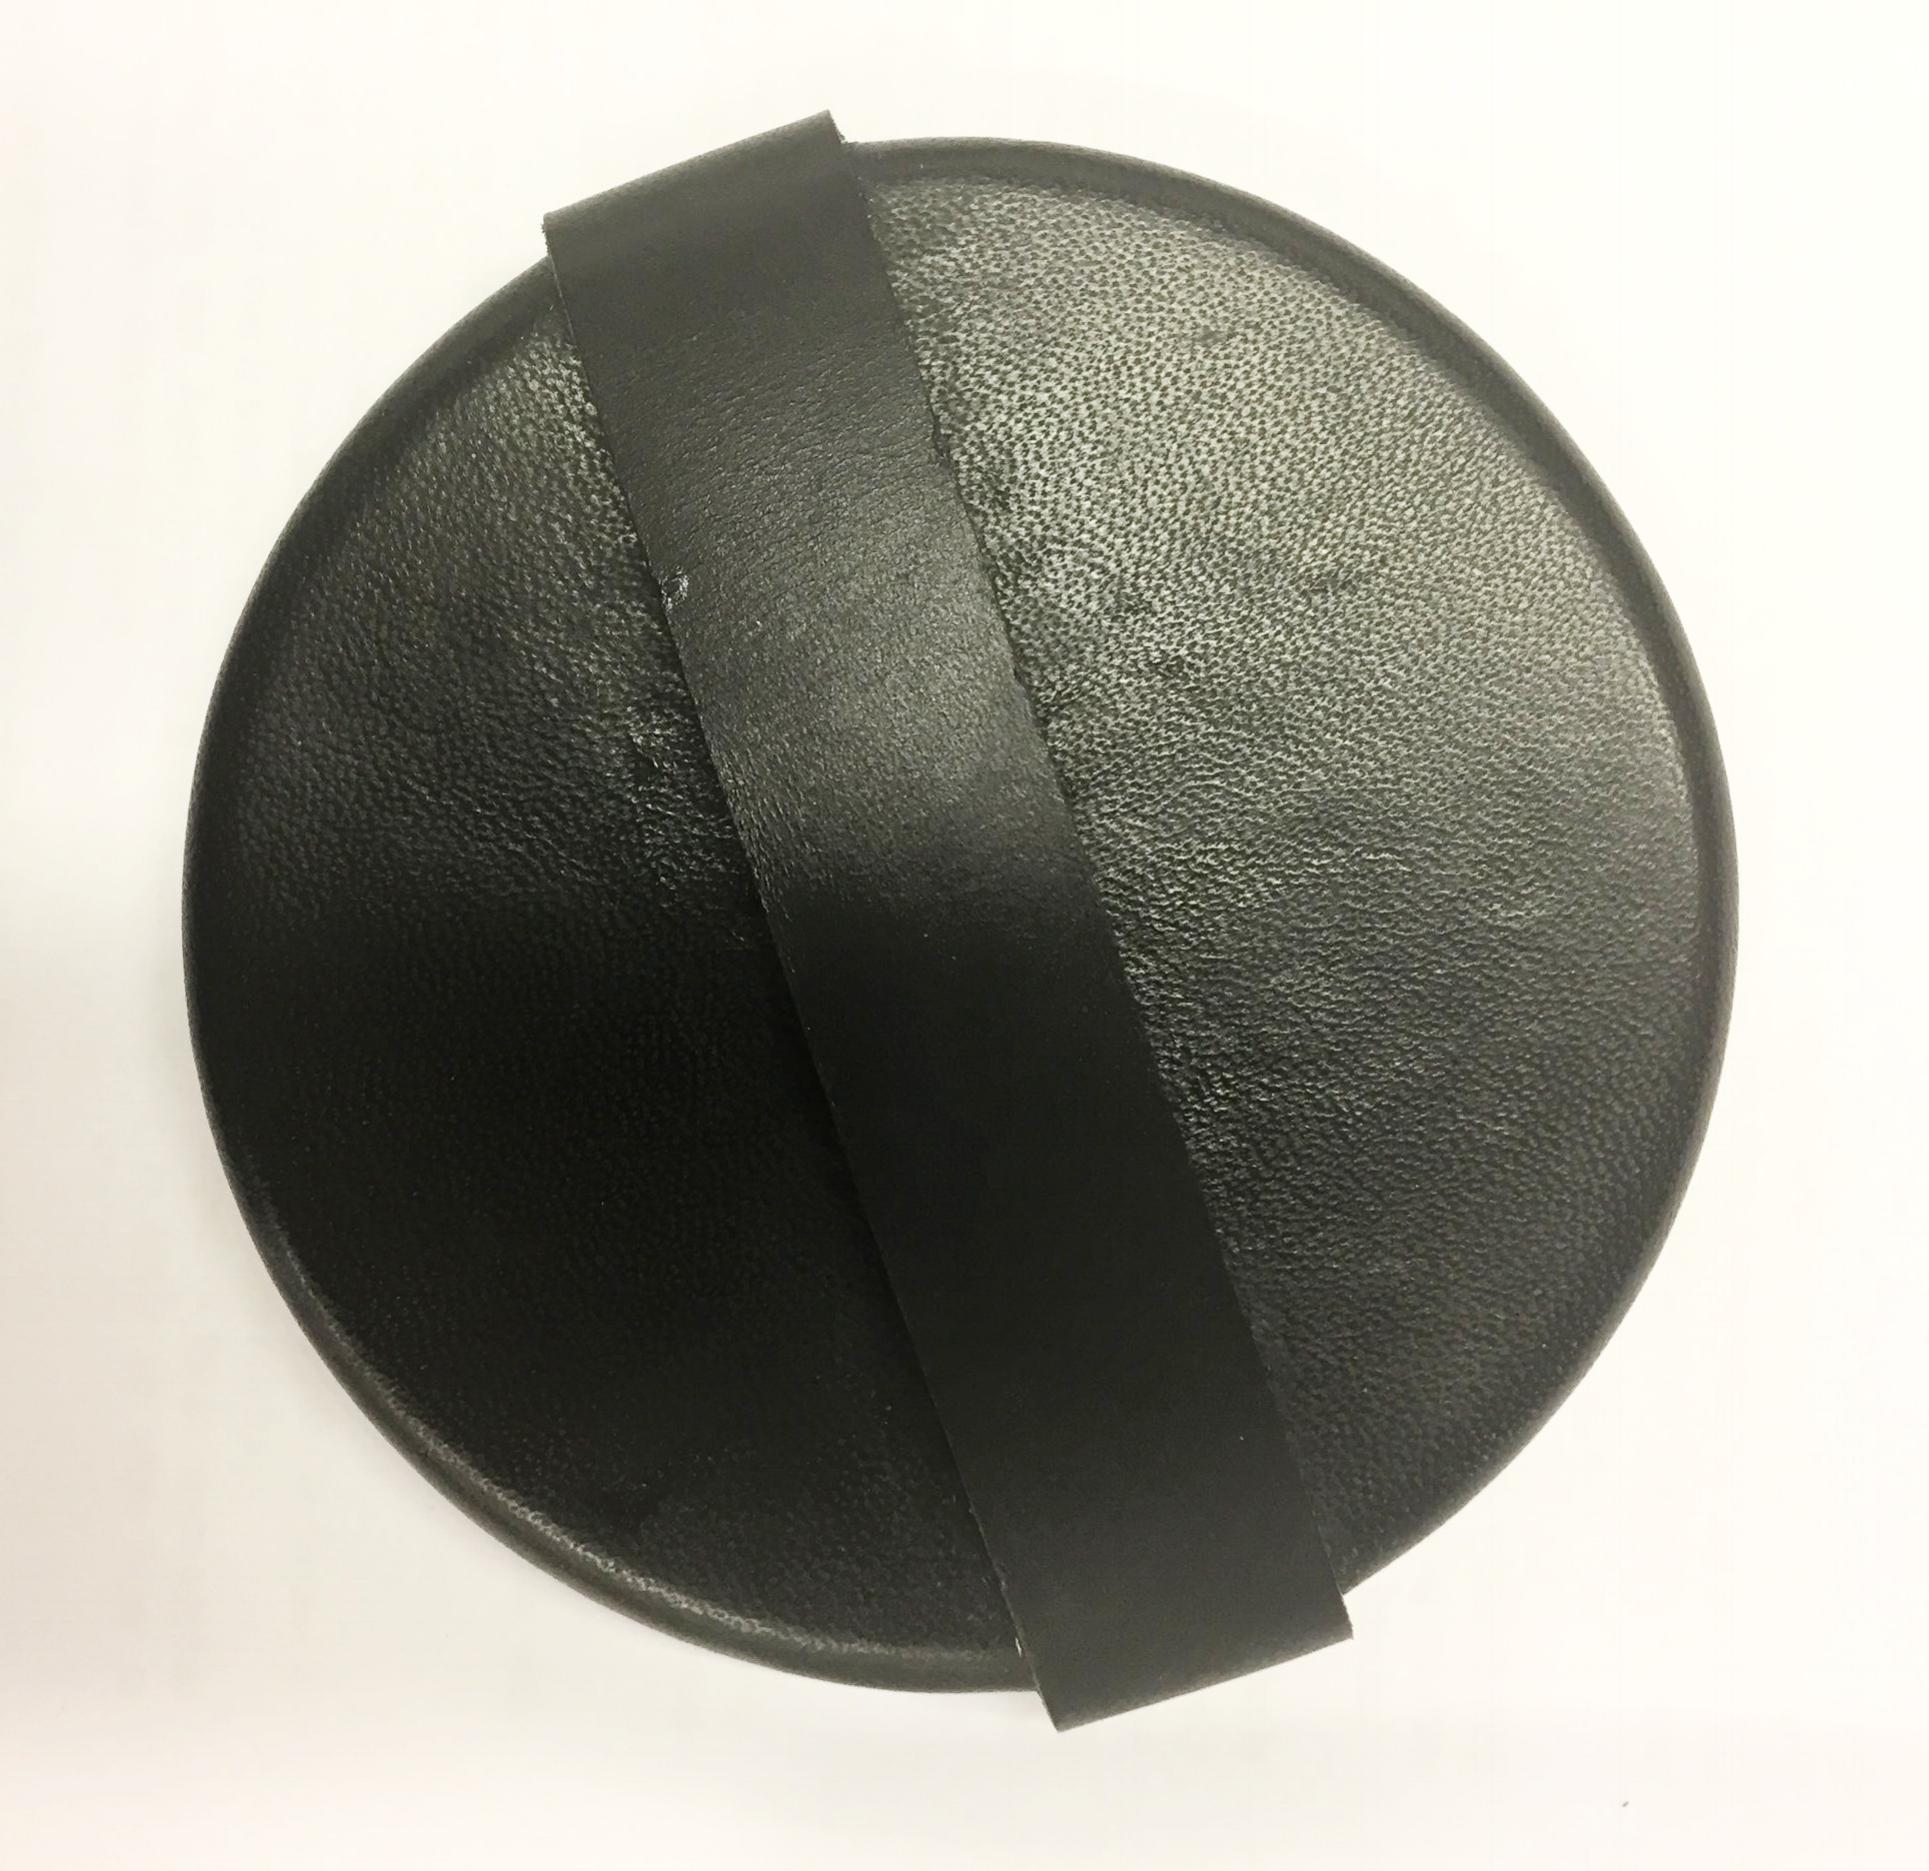 Roslyn Kean's Ball Bearing Baren / back